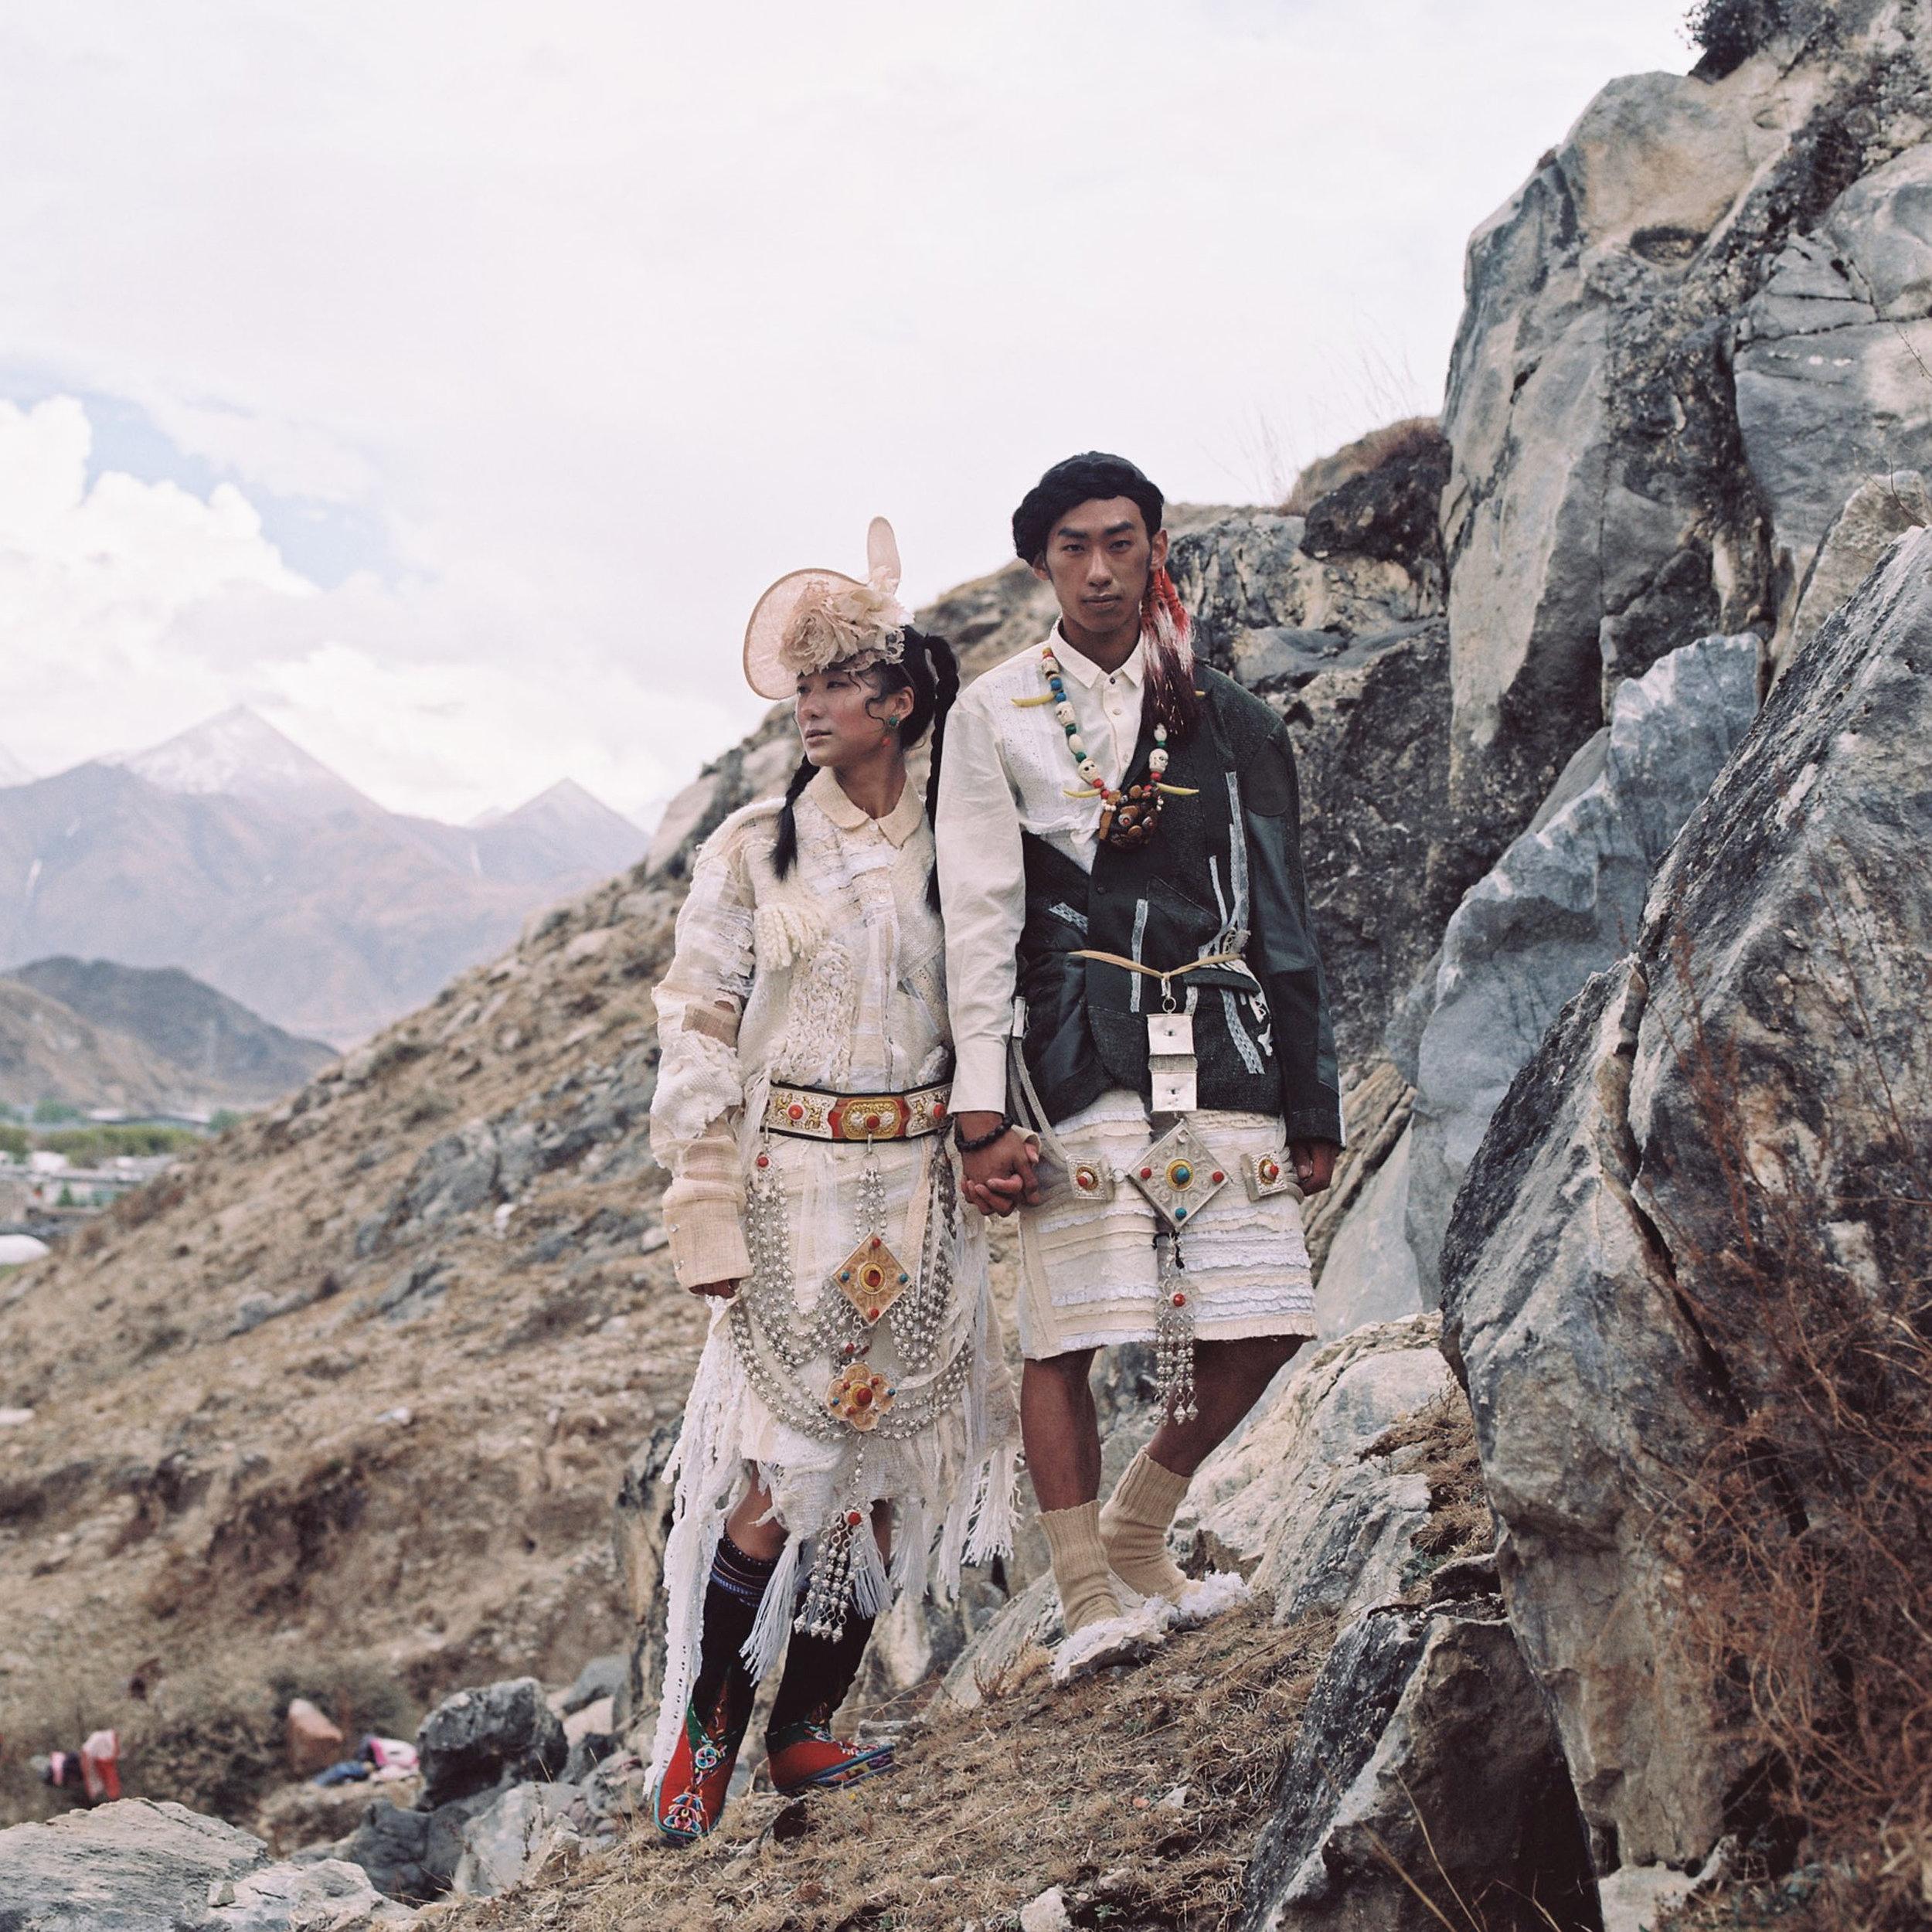 nyema-droma-sons-of-himalaya-photography-of-china-13.jpg